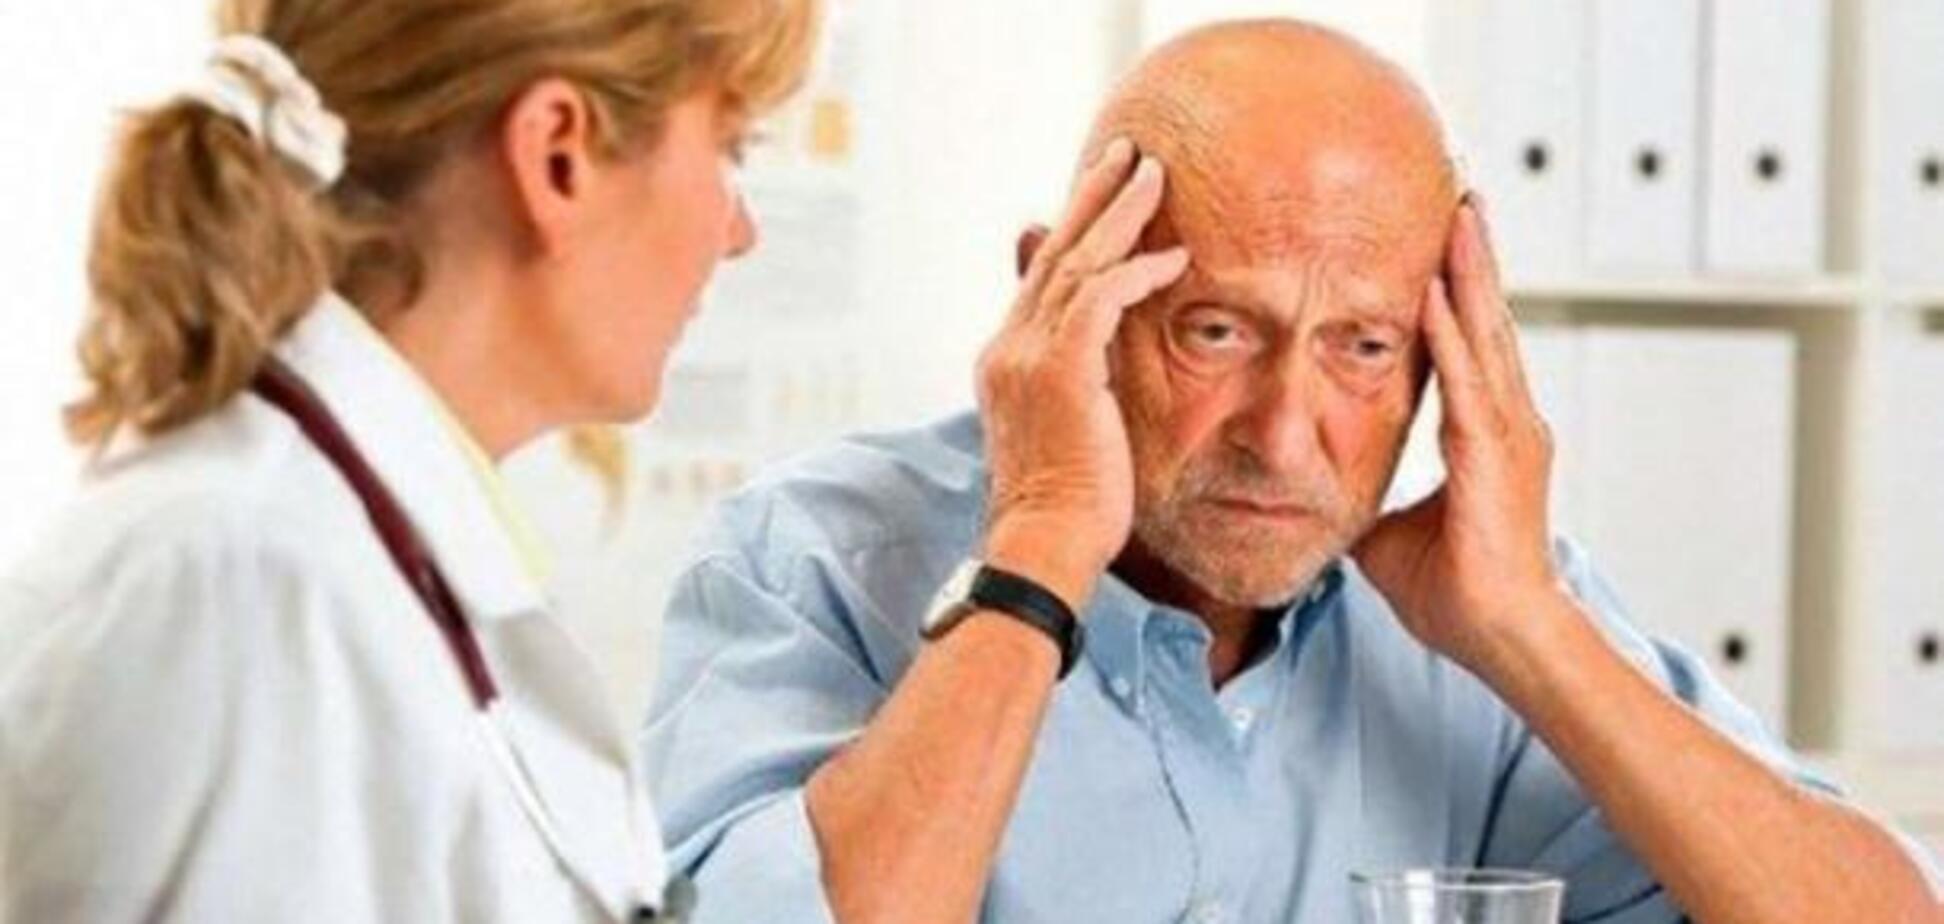 Рятує від Альцгеймера: вчені знайшли молекулу, що омолоджує мозок